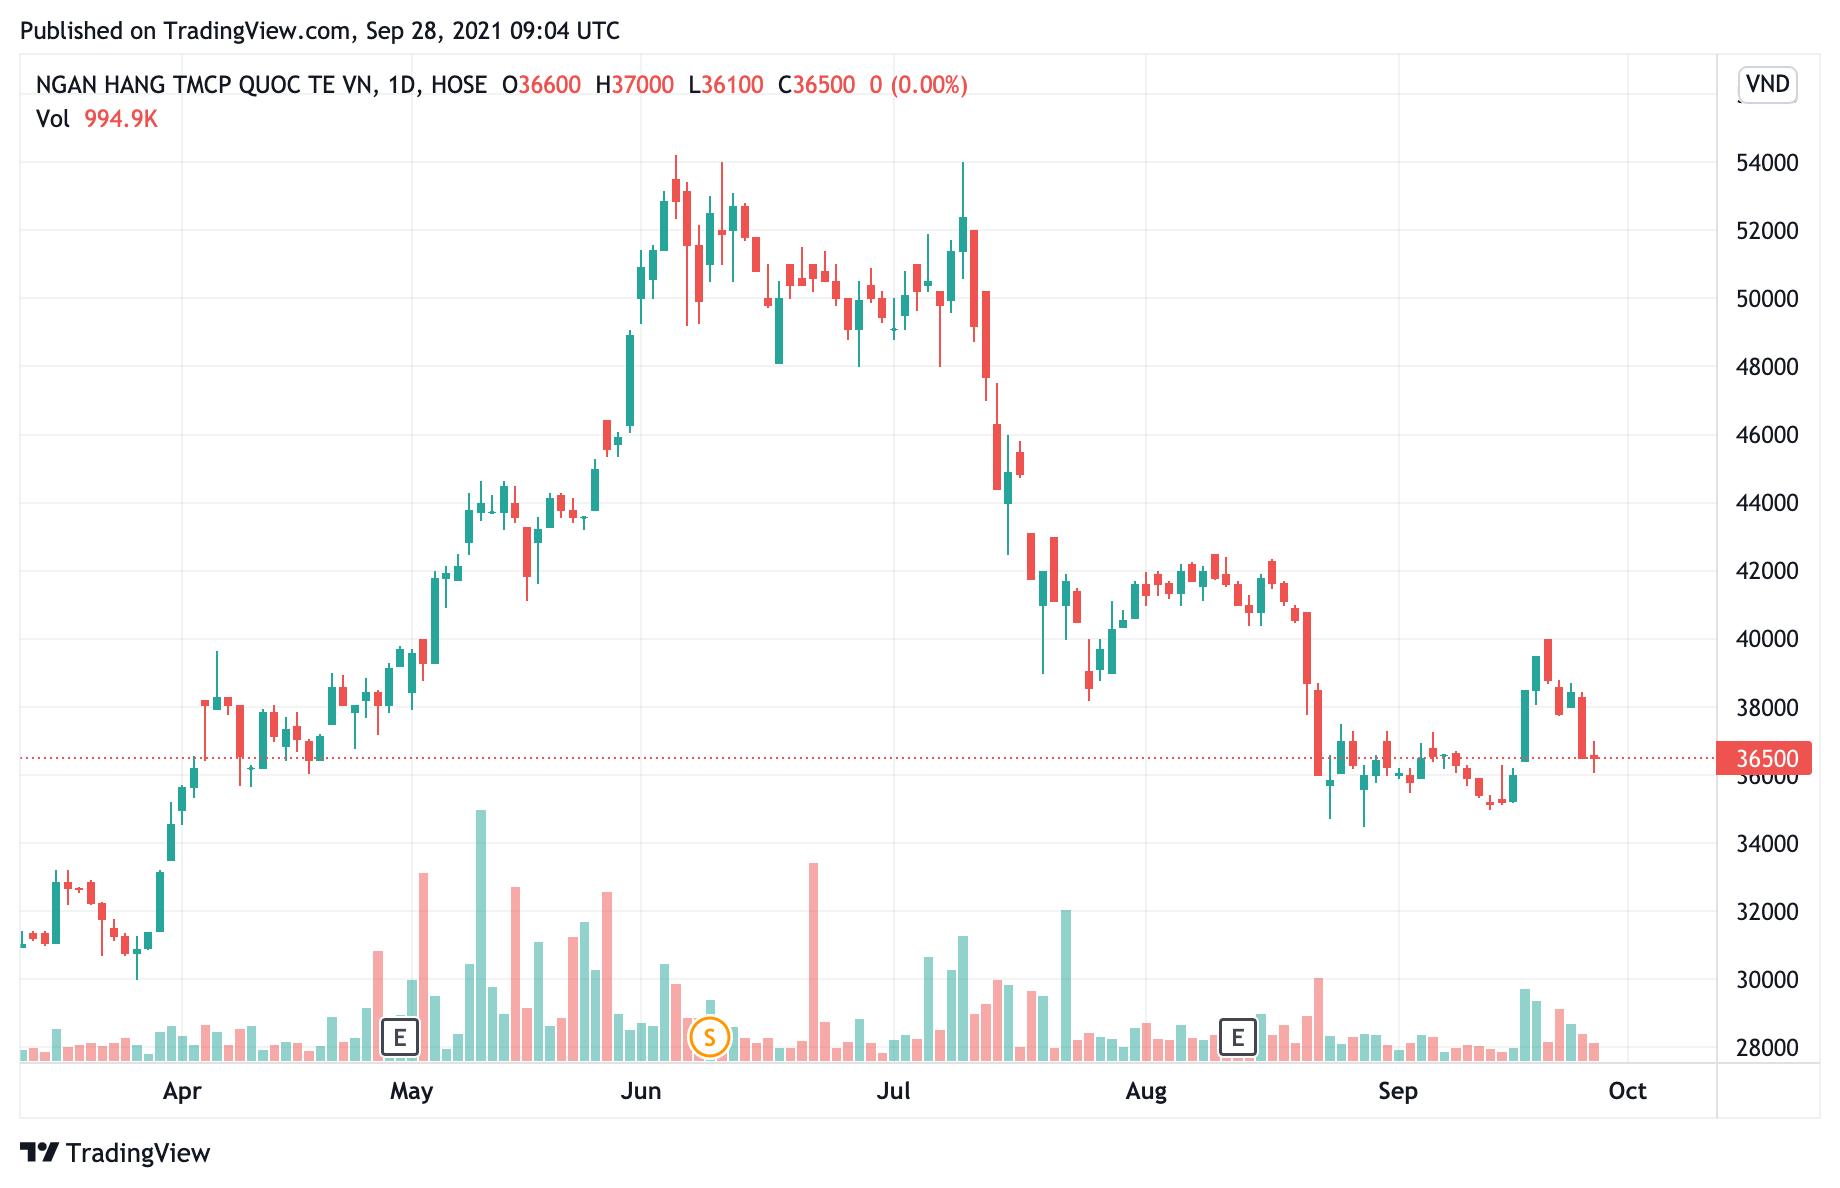 Giá cổ phiếu giảm, người nhà nguyên Giám đốc Tài chính VIB đã sang tay hàng triệu cổ phiếu - Ảnh 1.